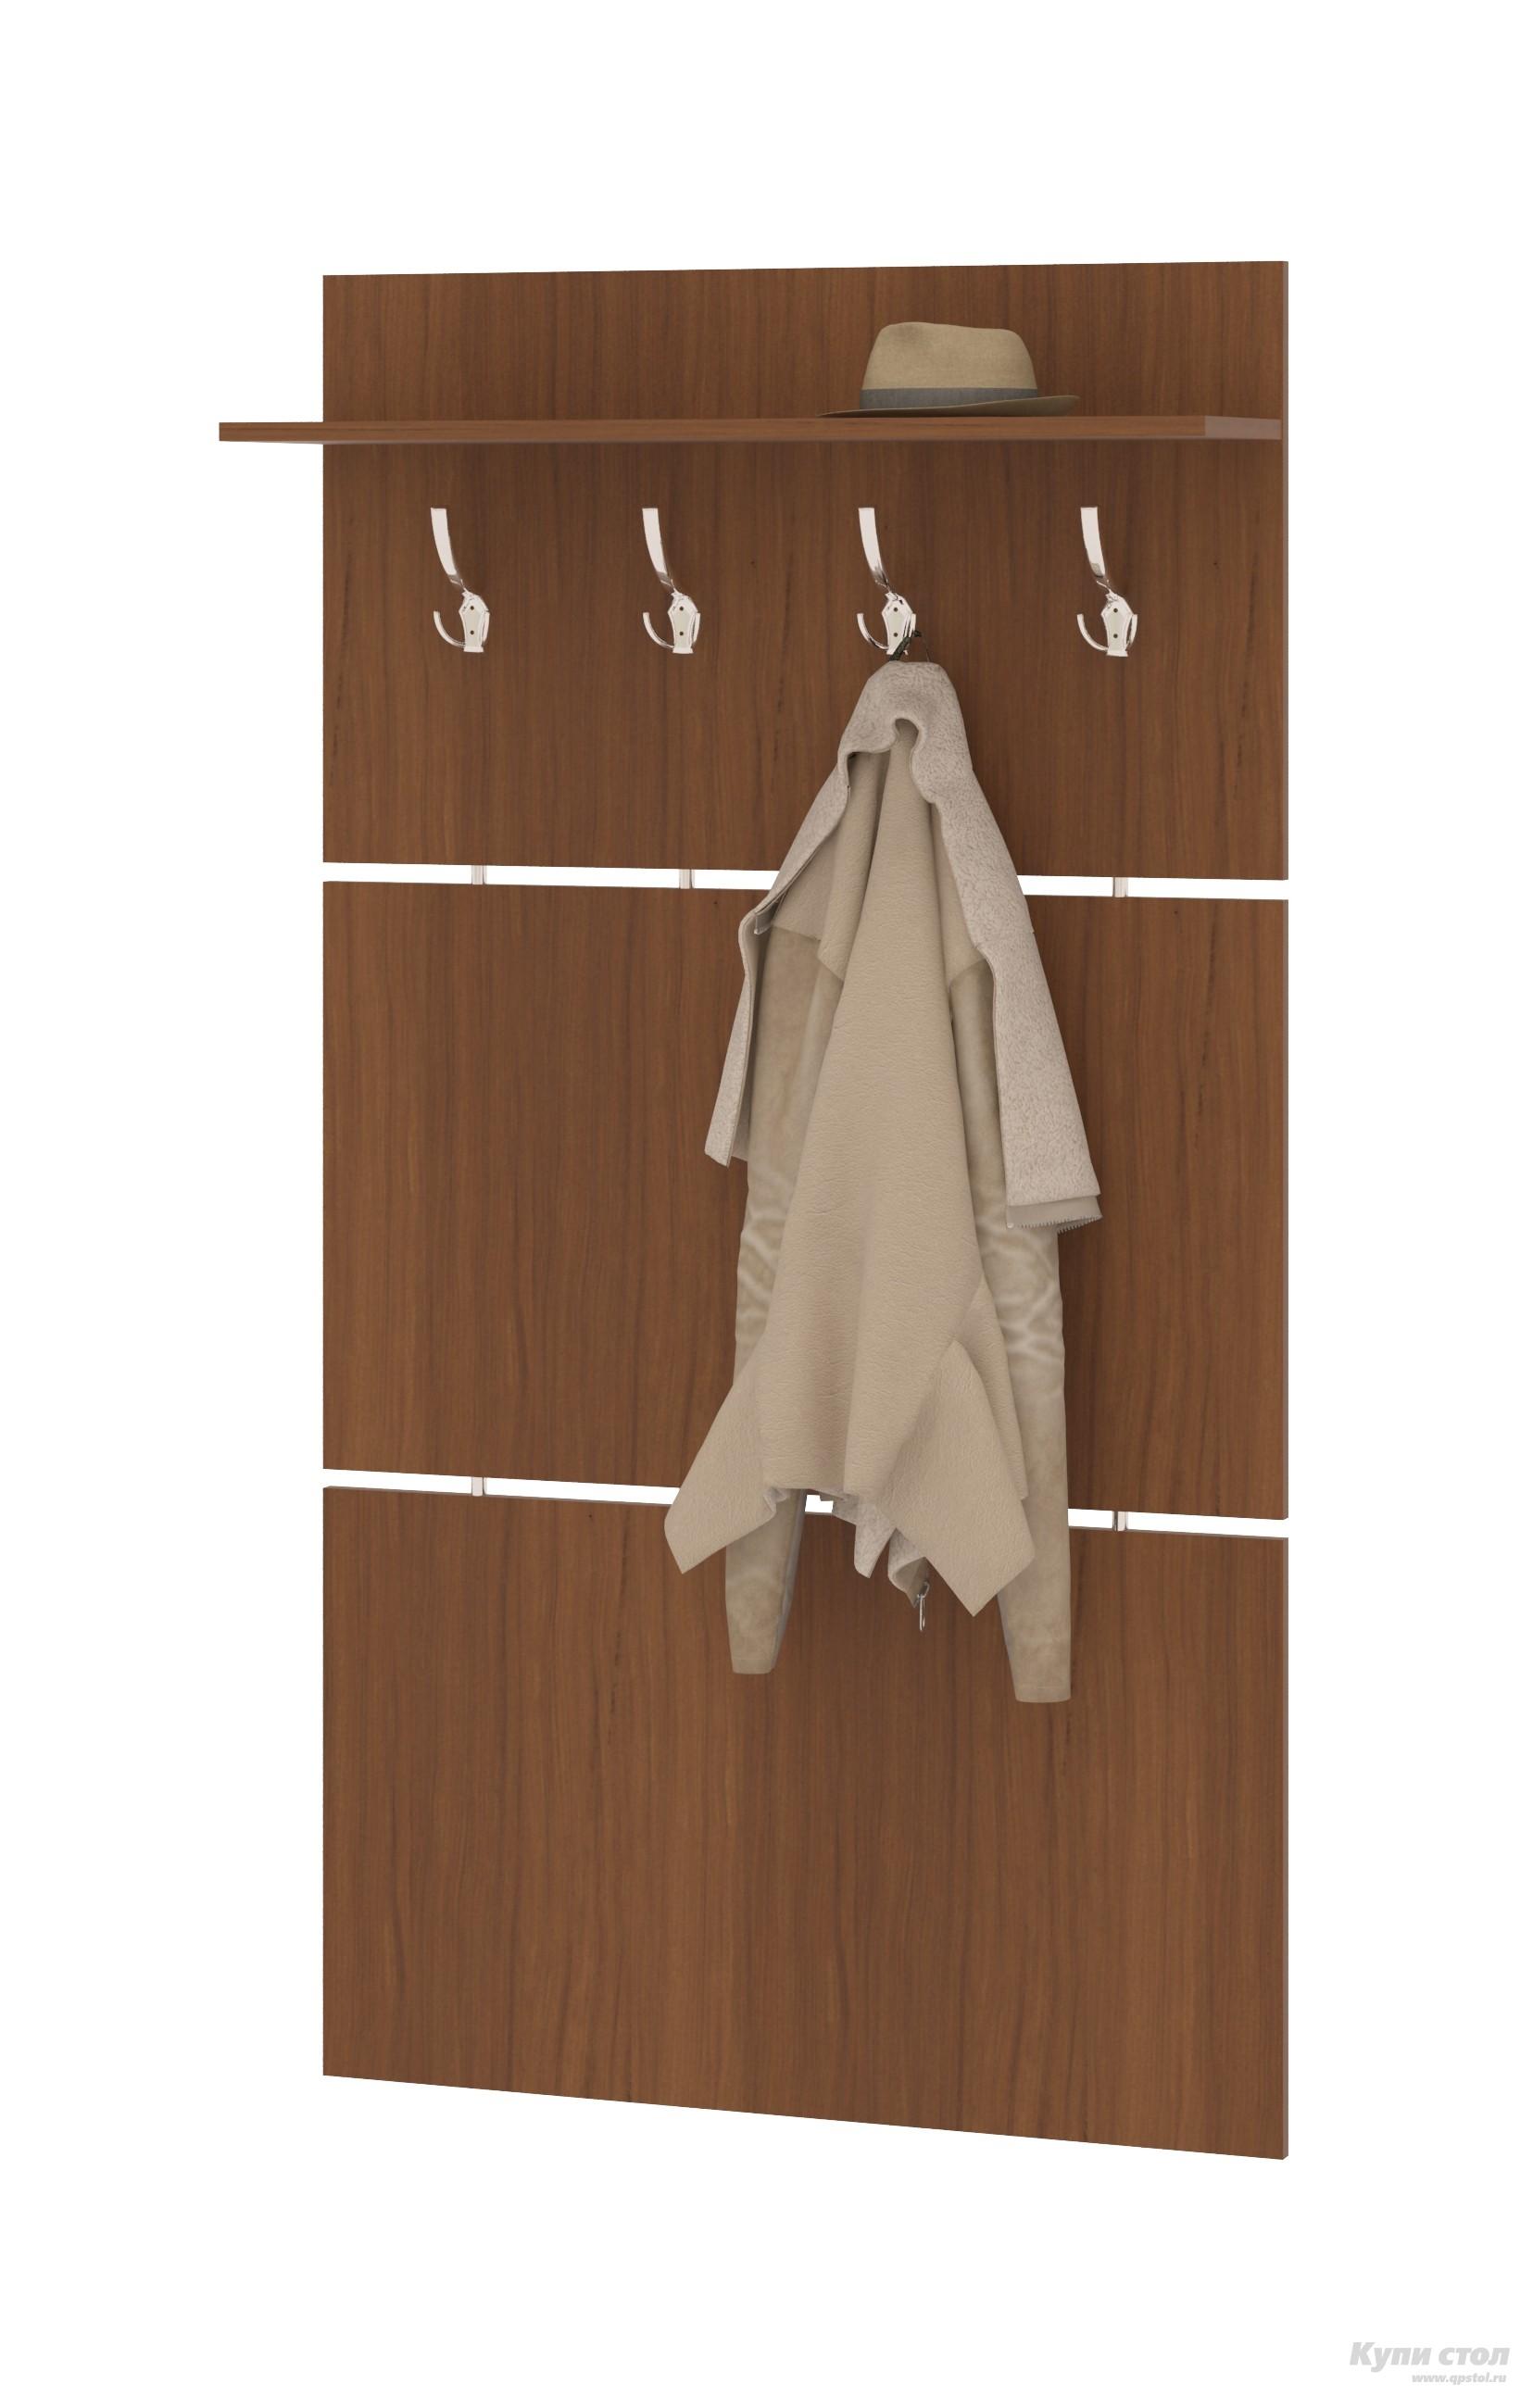 Настенная вешалка Сокол ВШ-3.1 Ноче-эккоНастенные вешалки<br>Габаритные размеры ВхШхГ 1460x900x212 мм. Широкая навесная вешалка, выполненная в строгом стиле, позволит разместить сезонную одежду всей семьи.  Вешалка состоит из 3-х панелей соединенных металлическими  вставками.  На верхней панели располагается четыре 3-хрожковых крючка для одежды. Полка, закрепленная над крючками, предназначена специально для головных уборов и зонтов.  Максимальная нагрузка на полку составляет 5кг. Вешалка изготовлена из высококачественной ДСП 16 мм, края отделаны кромкой ПВХ 0. 4 мм.  Рекомендуем сохранить инструкцию по сборке (паспорт изделия) до истечения гарантийного срока.<br><br>Цвет: Коричневое дерево<br>Высота мм: 1460<br>Ширина мм: 900<br>Глубина мм: 212<br>Кол-во упаковок: 1<br>Форма поставки: В разобранном виде<br>Срок гарантии: 2 года